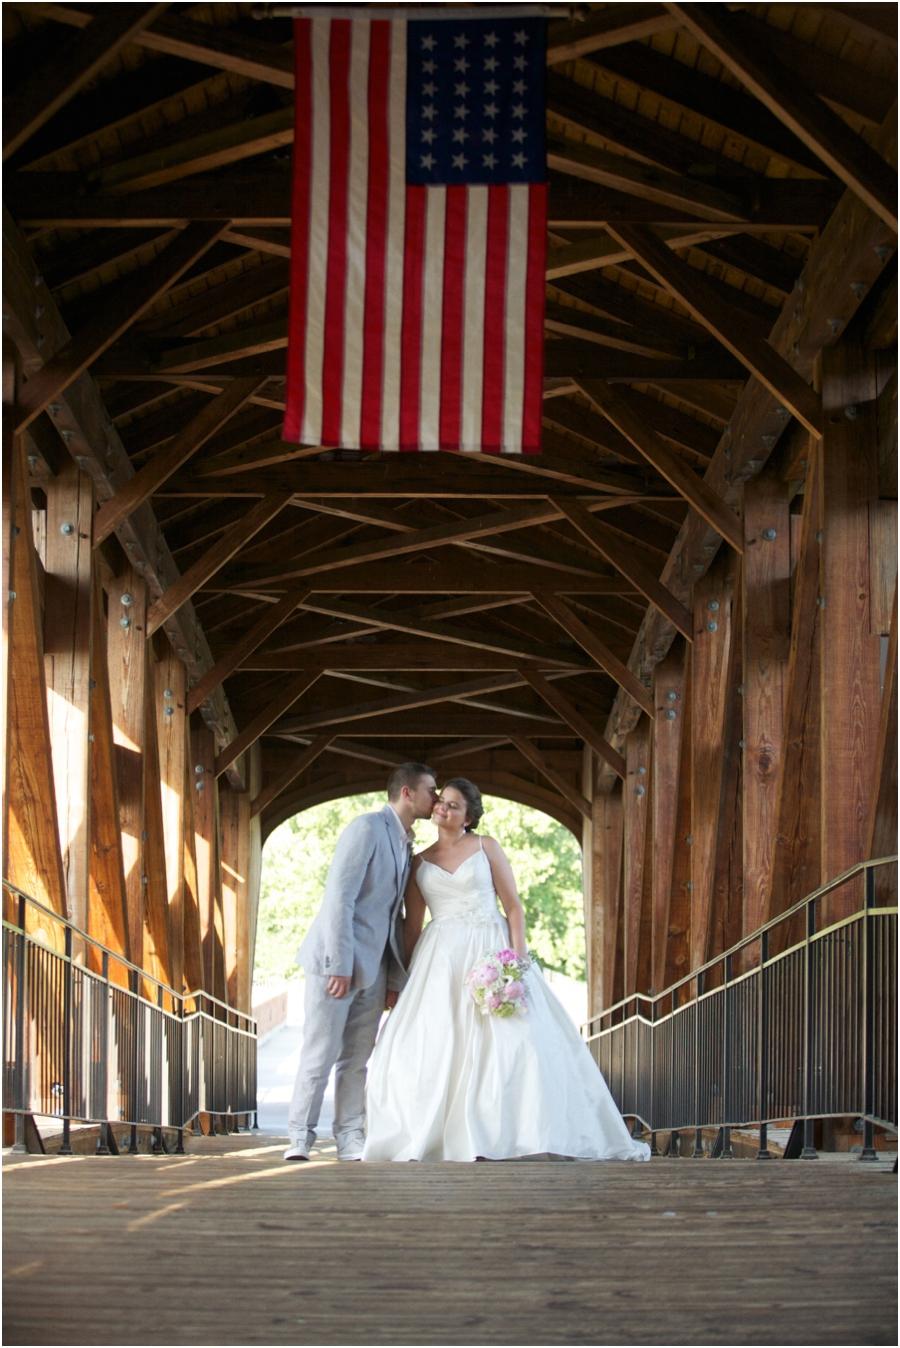 usa-flag-wedding-photography_0003